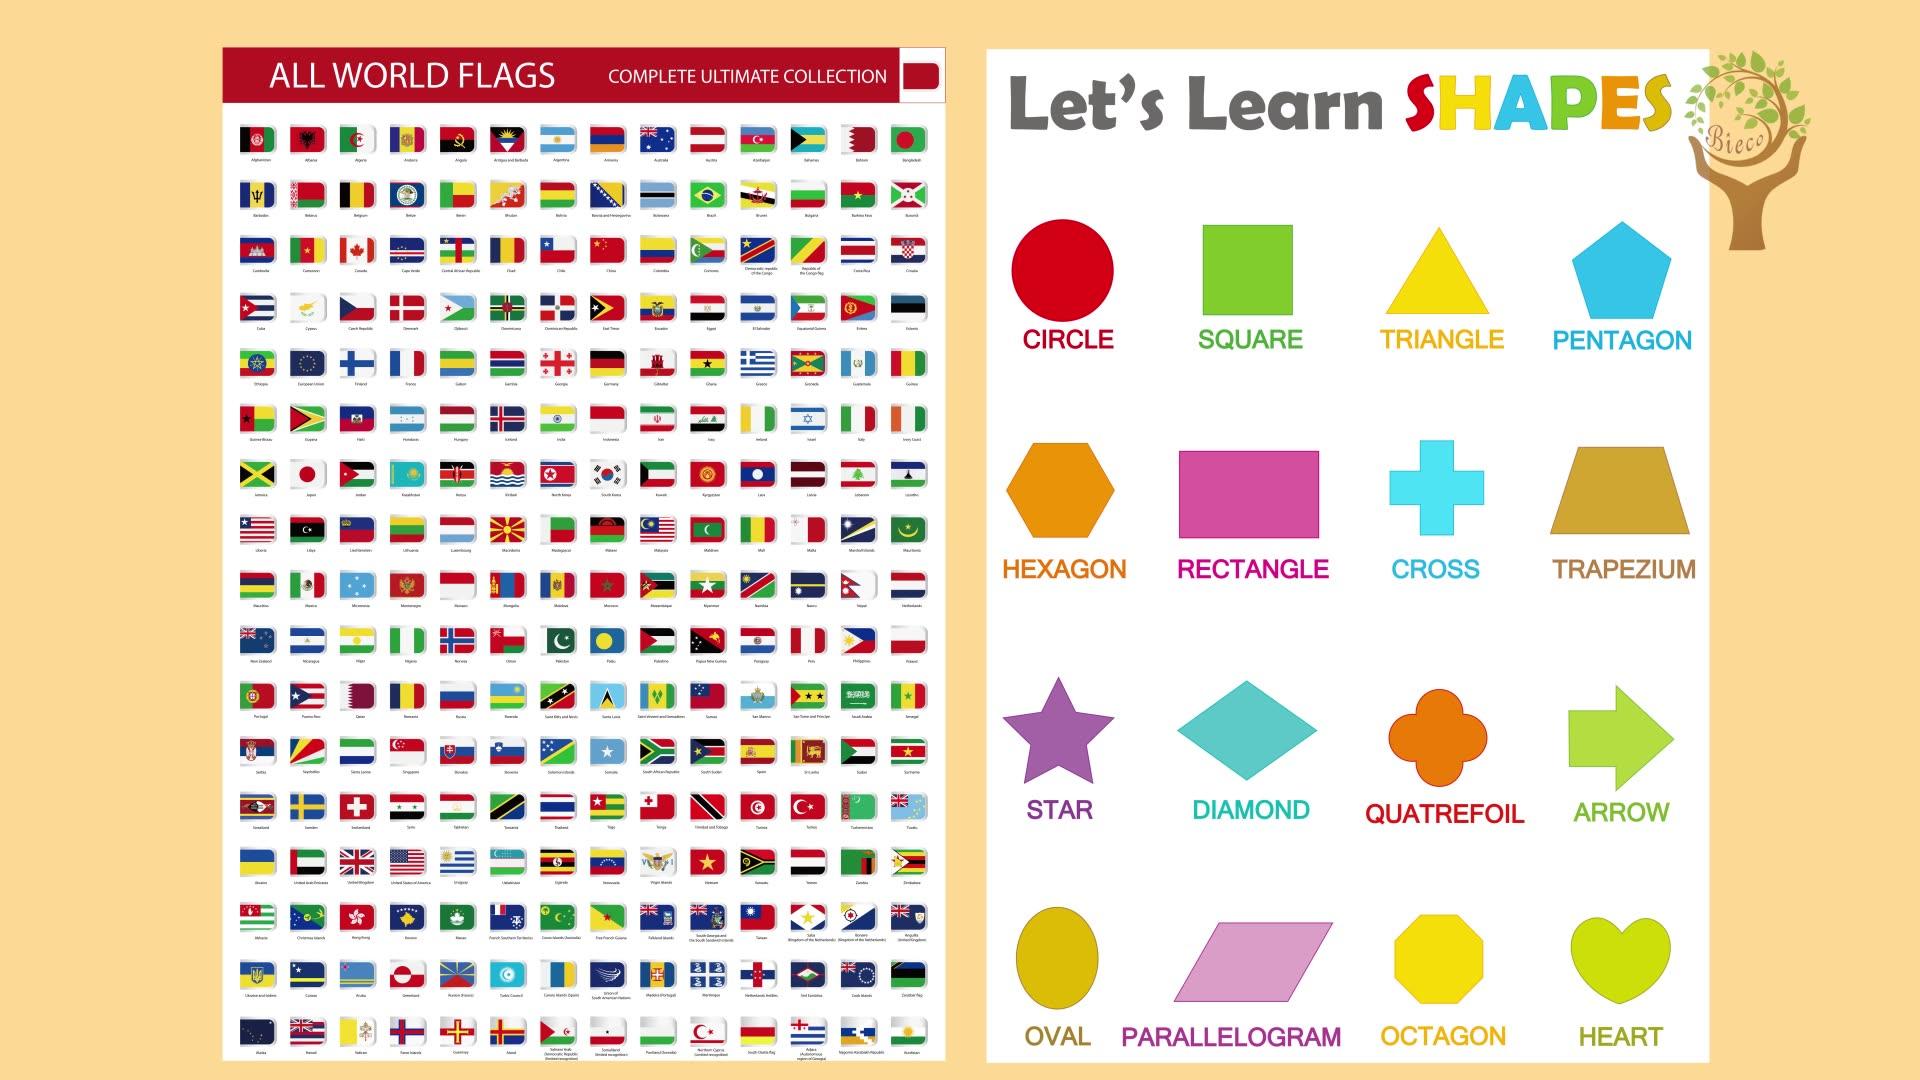 कस्टम रंग चार्ट पूरी तरह से टुकड़े टुकड़े में टिकाऊ सामग्री लुढ़का संरक्षण पोस्टर आस्तीन आकार सीखने पोस्टर